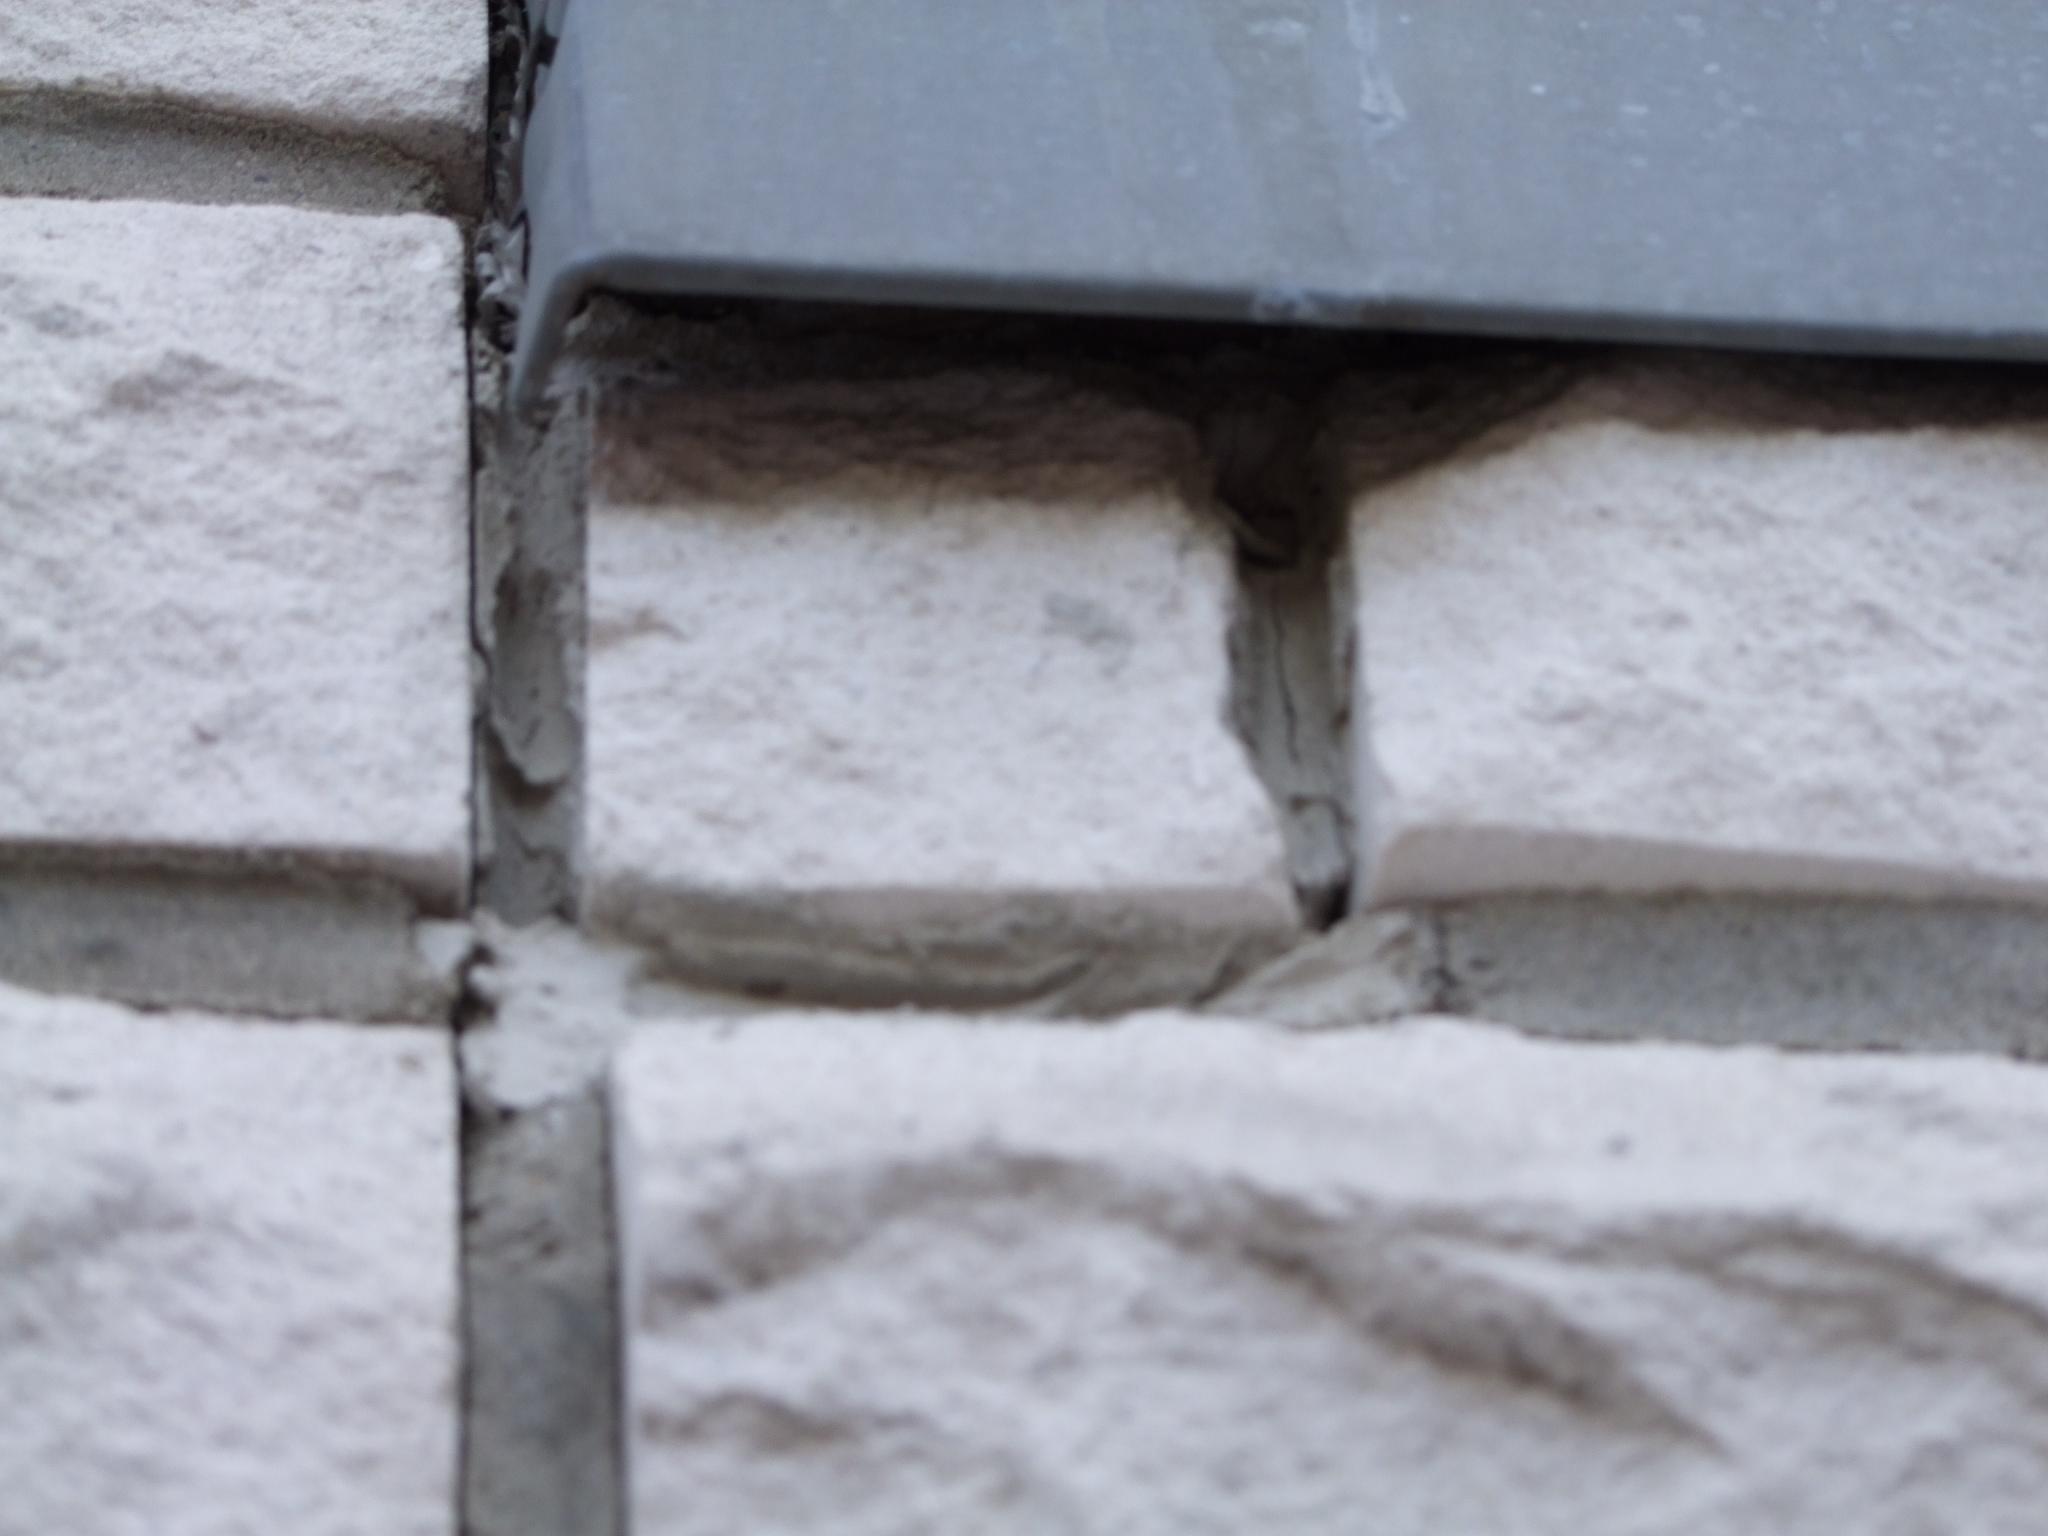 Bauexperte für Fassadenschäden - Klinker oder Putzfassaden sowie Holzständerbauweise. - Bausachverständiger Gutachter Sachverständiger Gutachten für Bauschäden Baumängel Baubegleitung Bauabnahme Blowerdoor Test Feuchtemessung Baugutachten Bauexperte